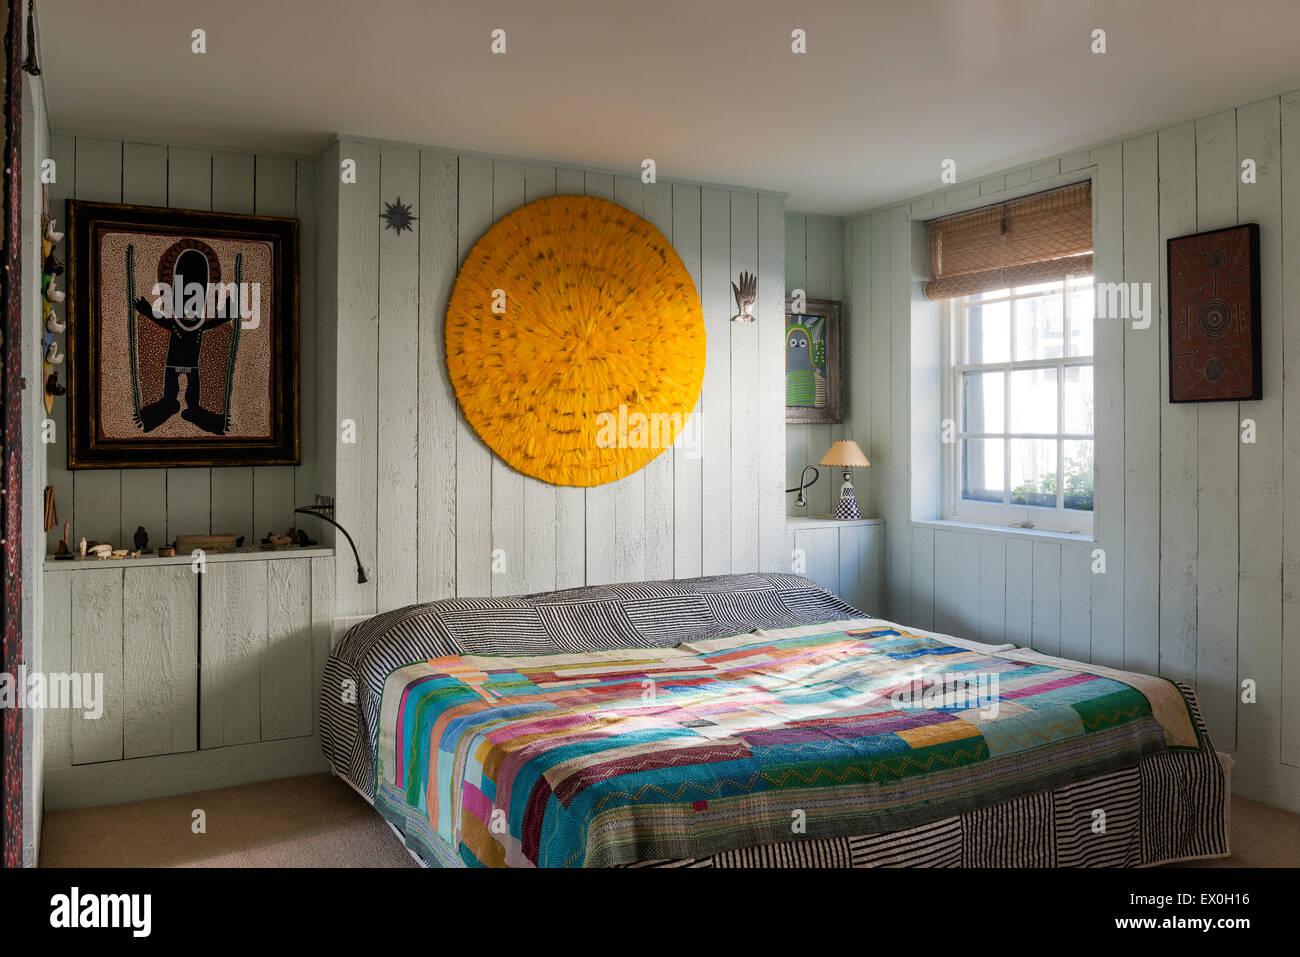 Eine Gelbe Feder Mandala Mit Malerei Von Aborigine Künstler David Downs Von  Set Designer Simon Costin über Dem Bett Im Schlafzimmer Gemacht.